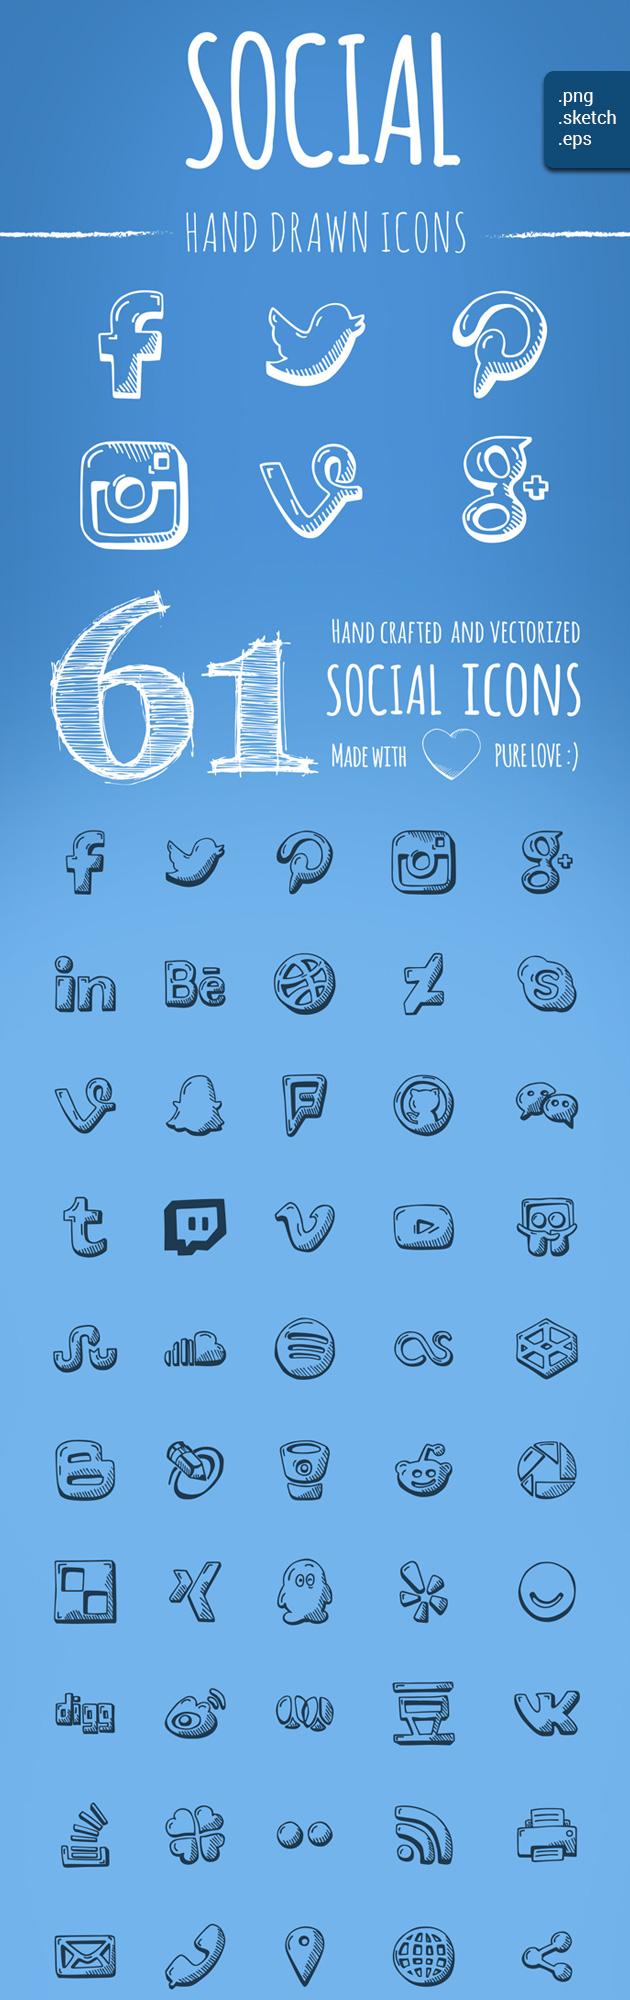 free-social-icons-3